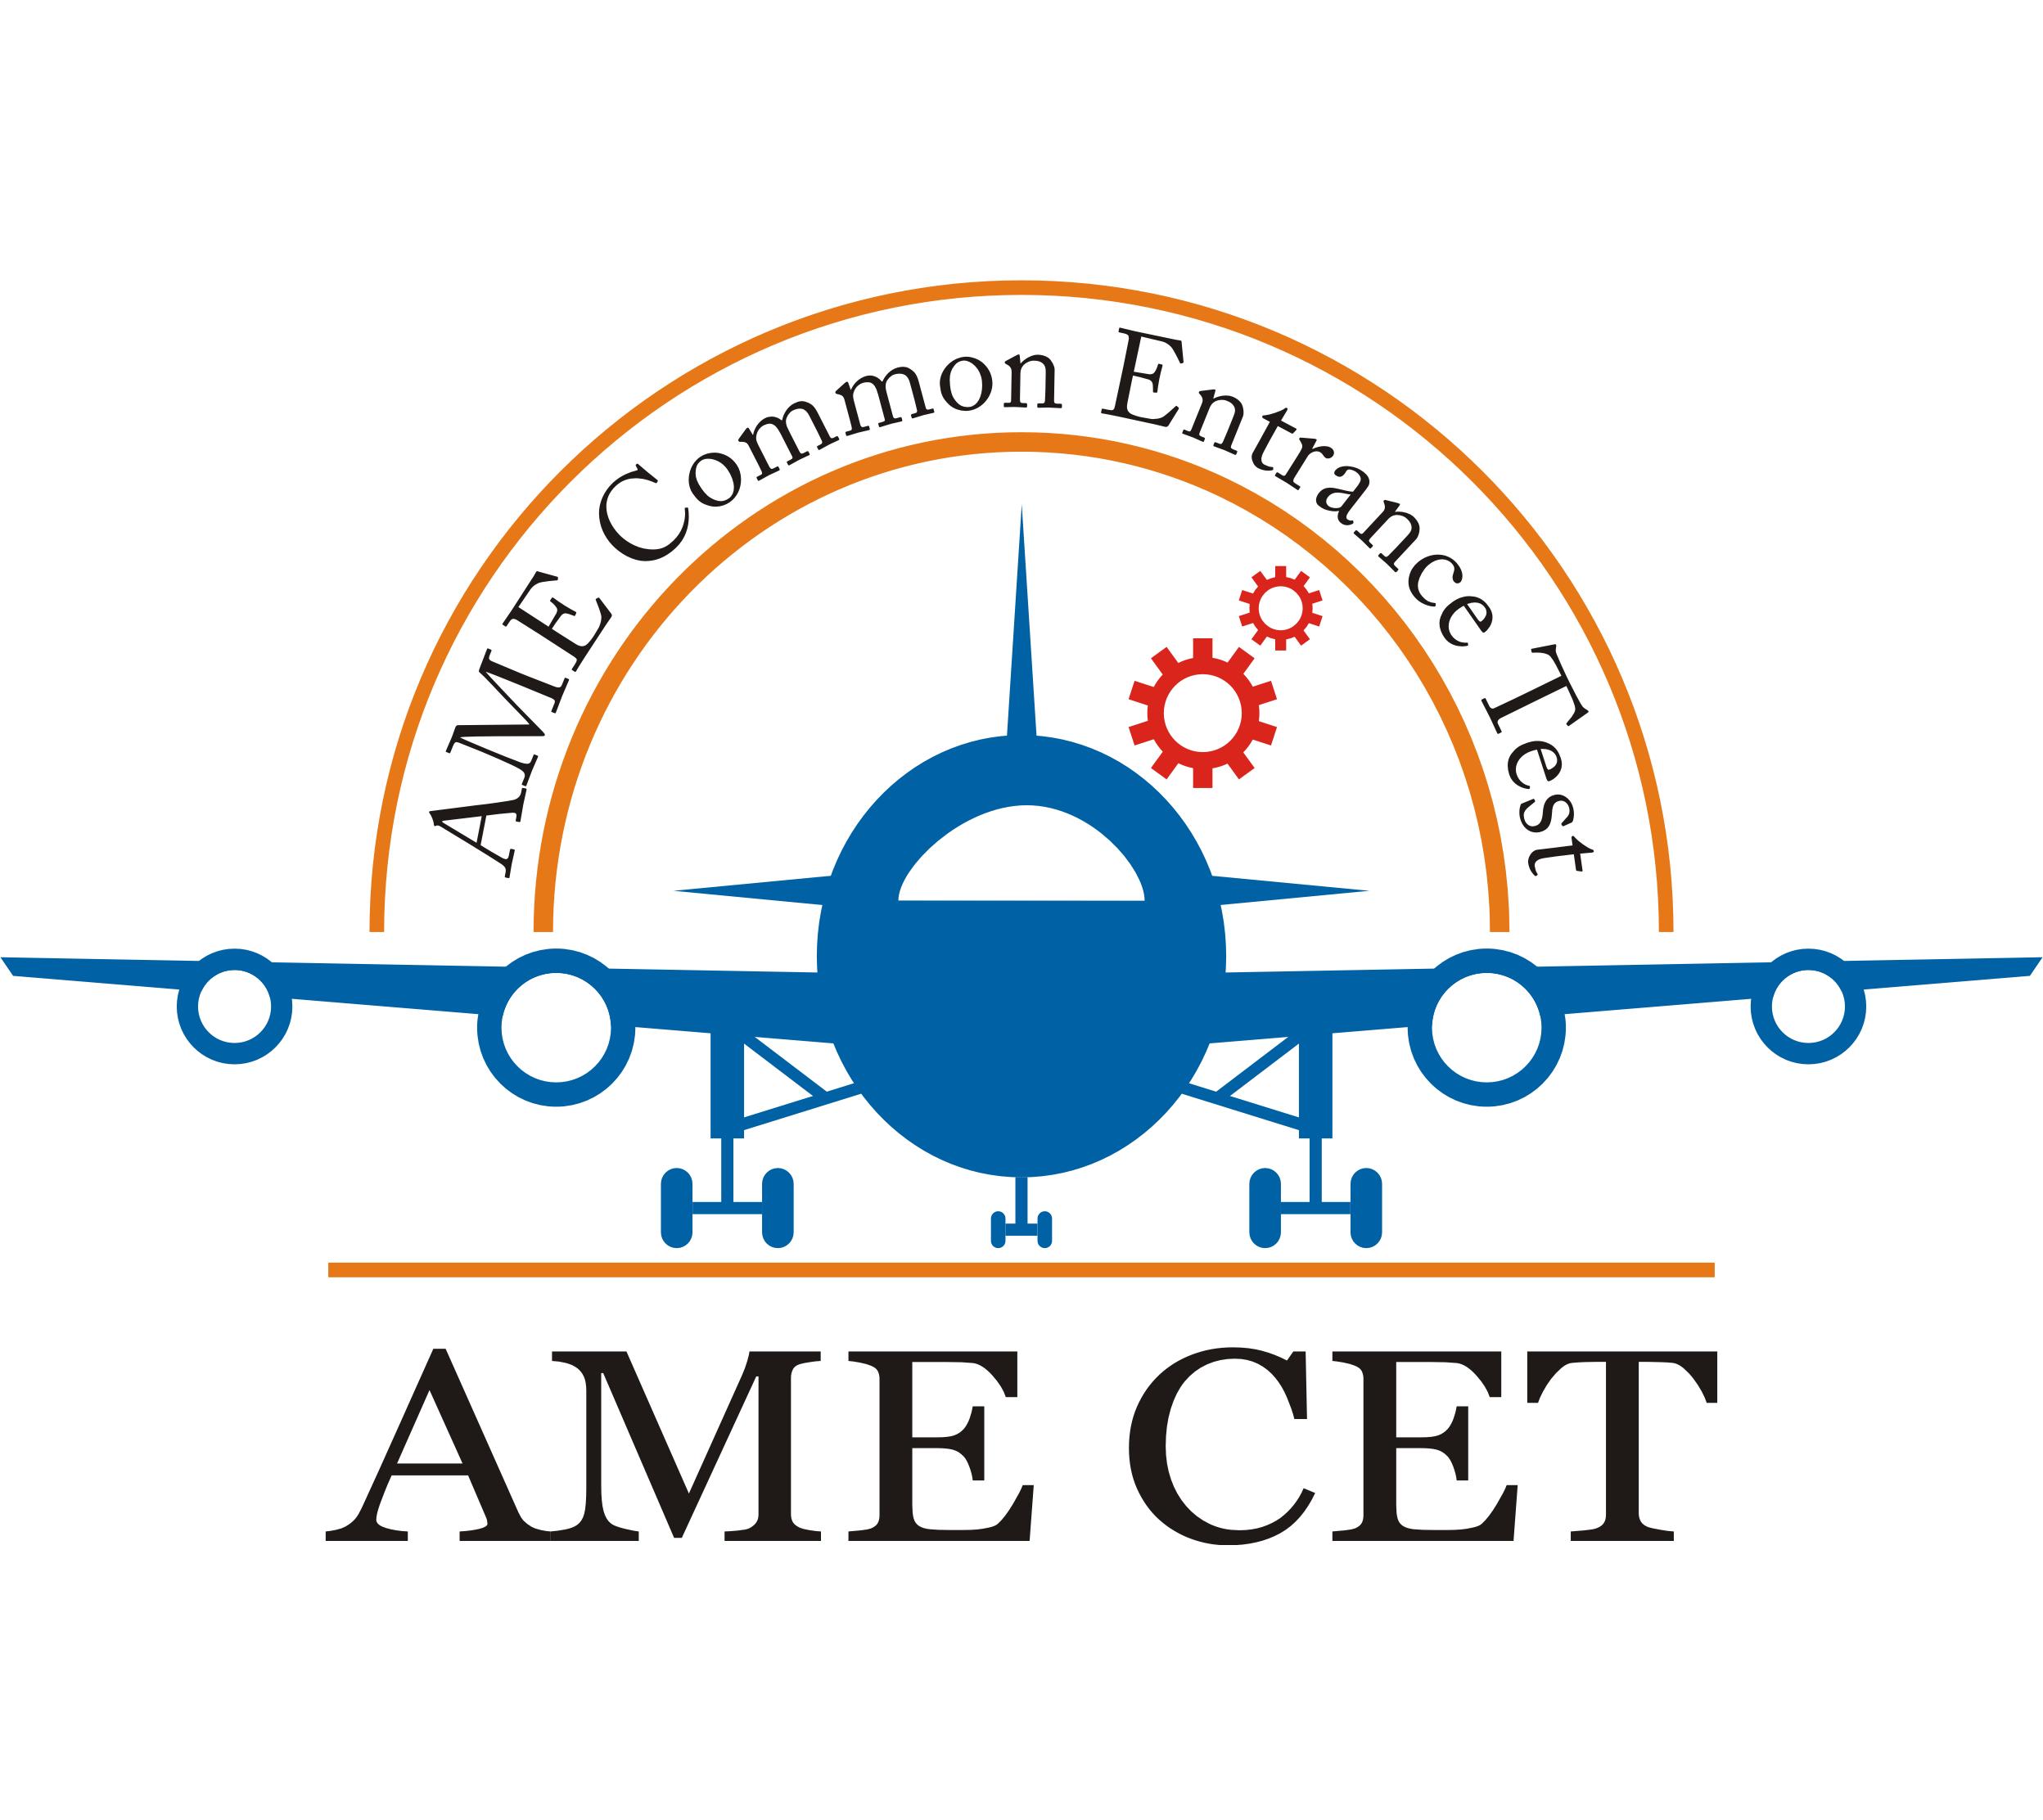 amecet-logo